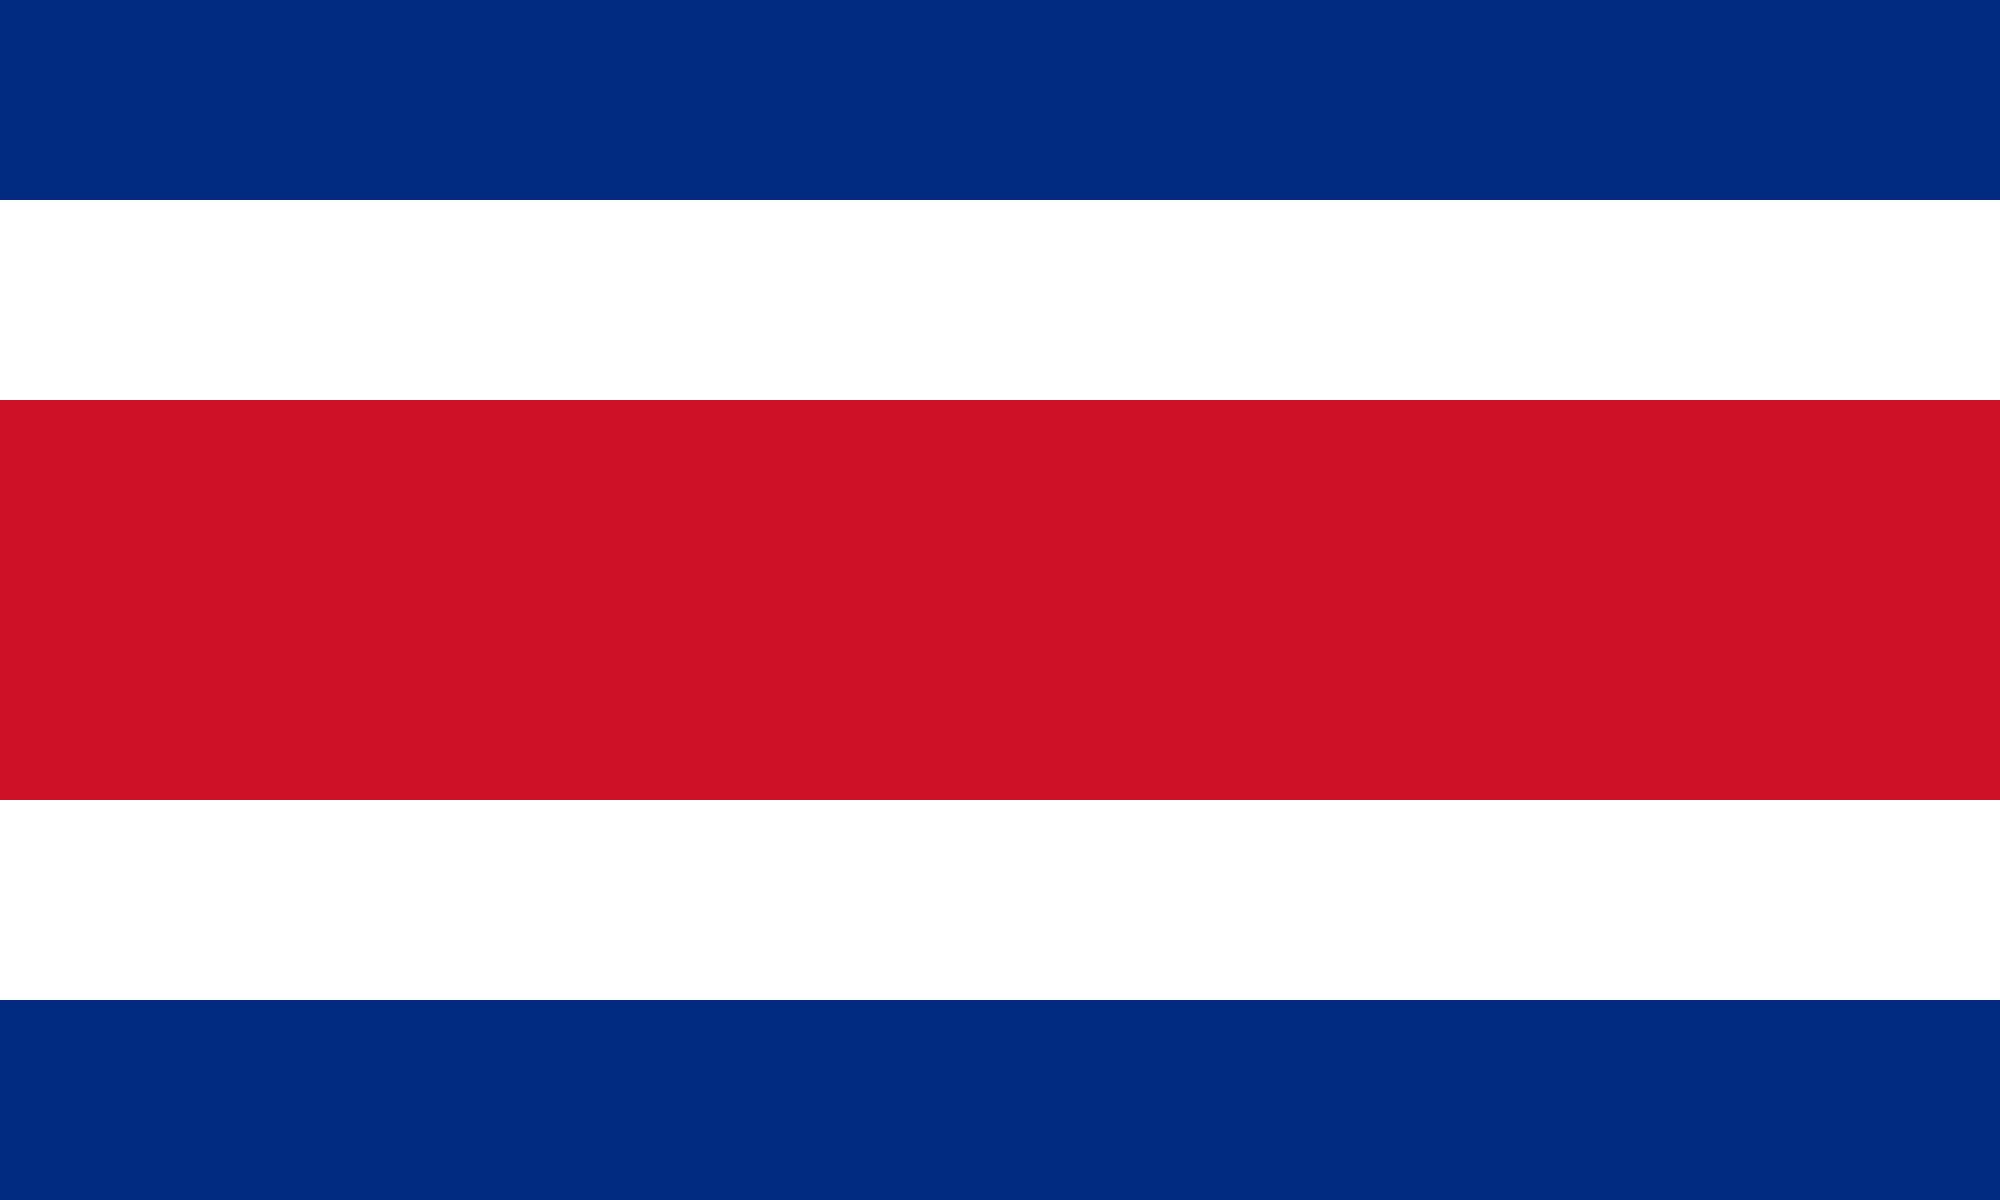 Bandera de Costa Rica para descargar